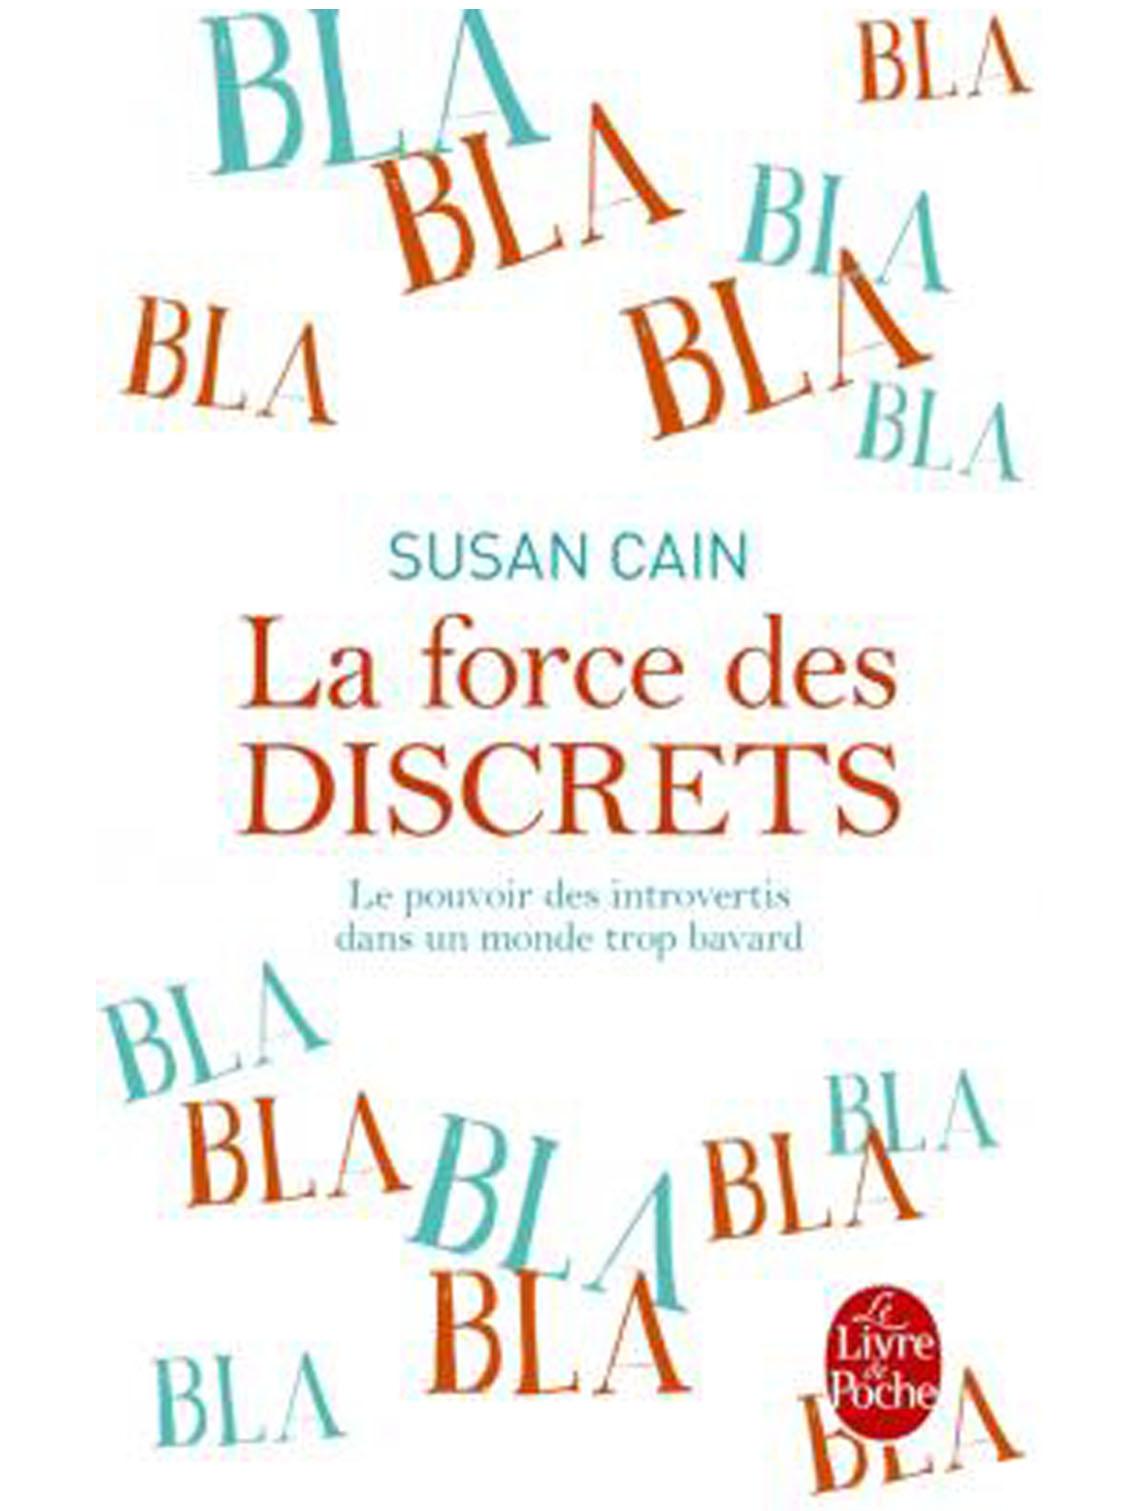 La force des discret, Susan Cain, 7,10€